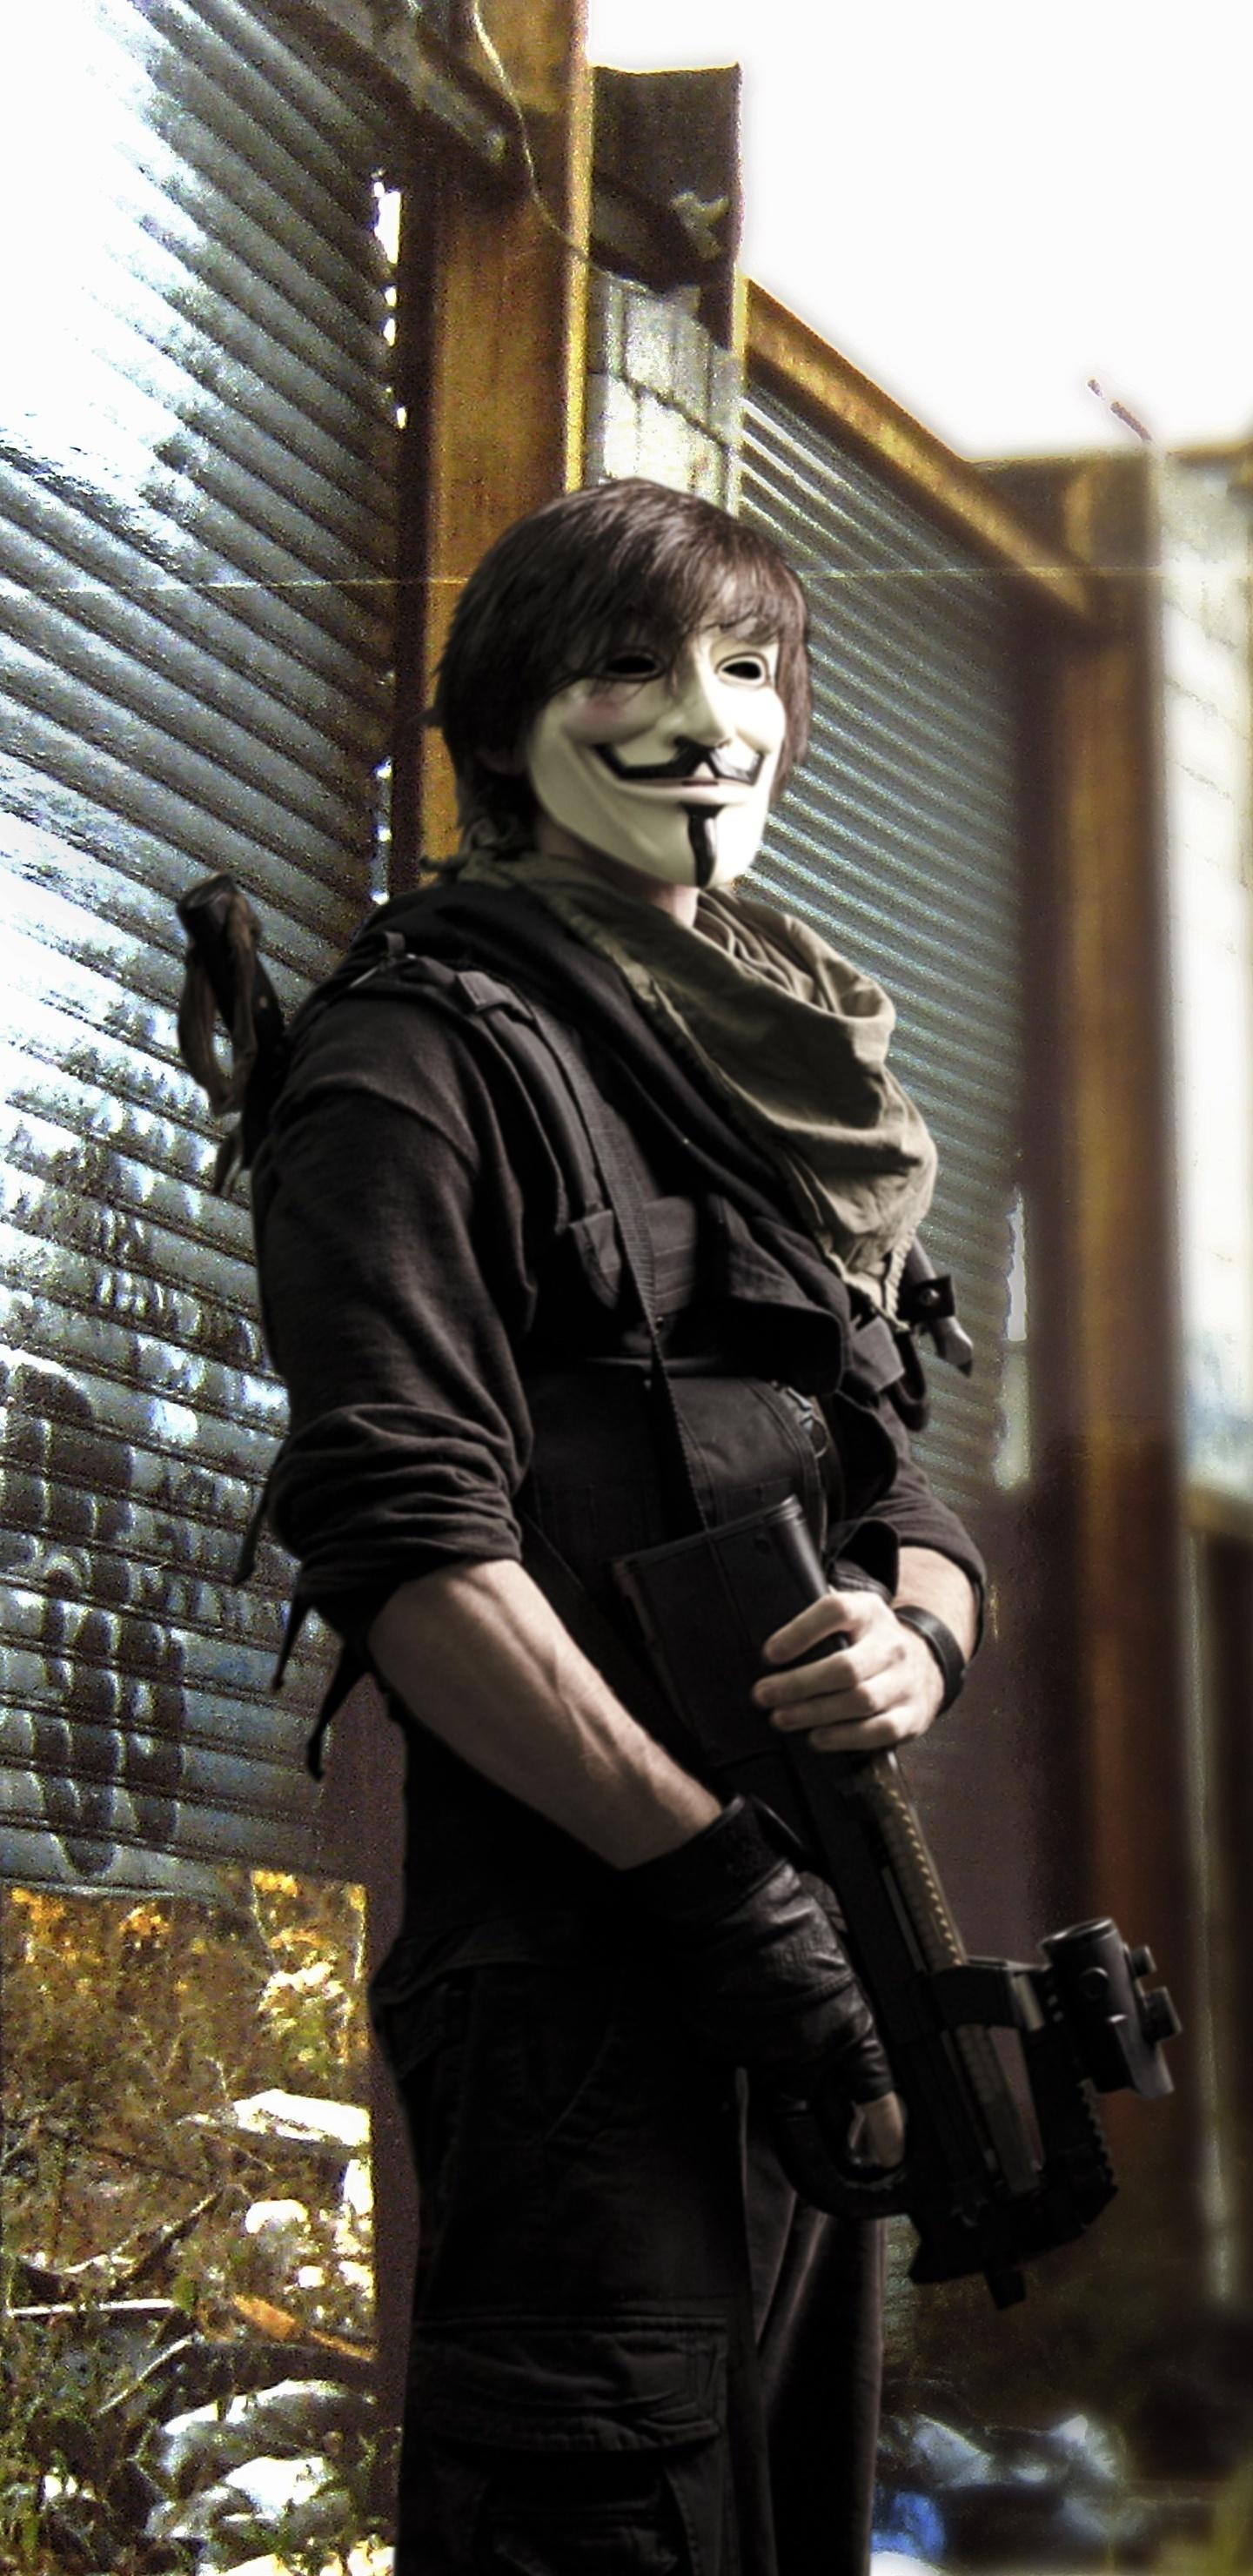 anonymus-urban-city-solider-warrior-4k-3a.jpg